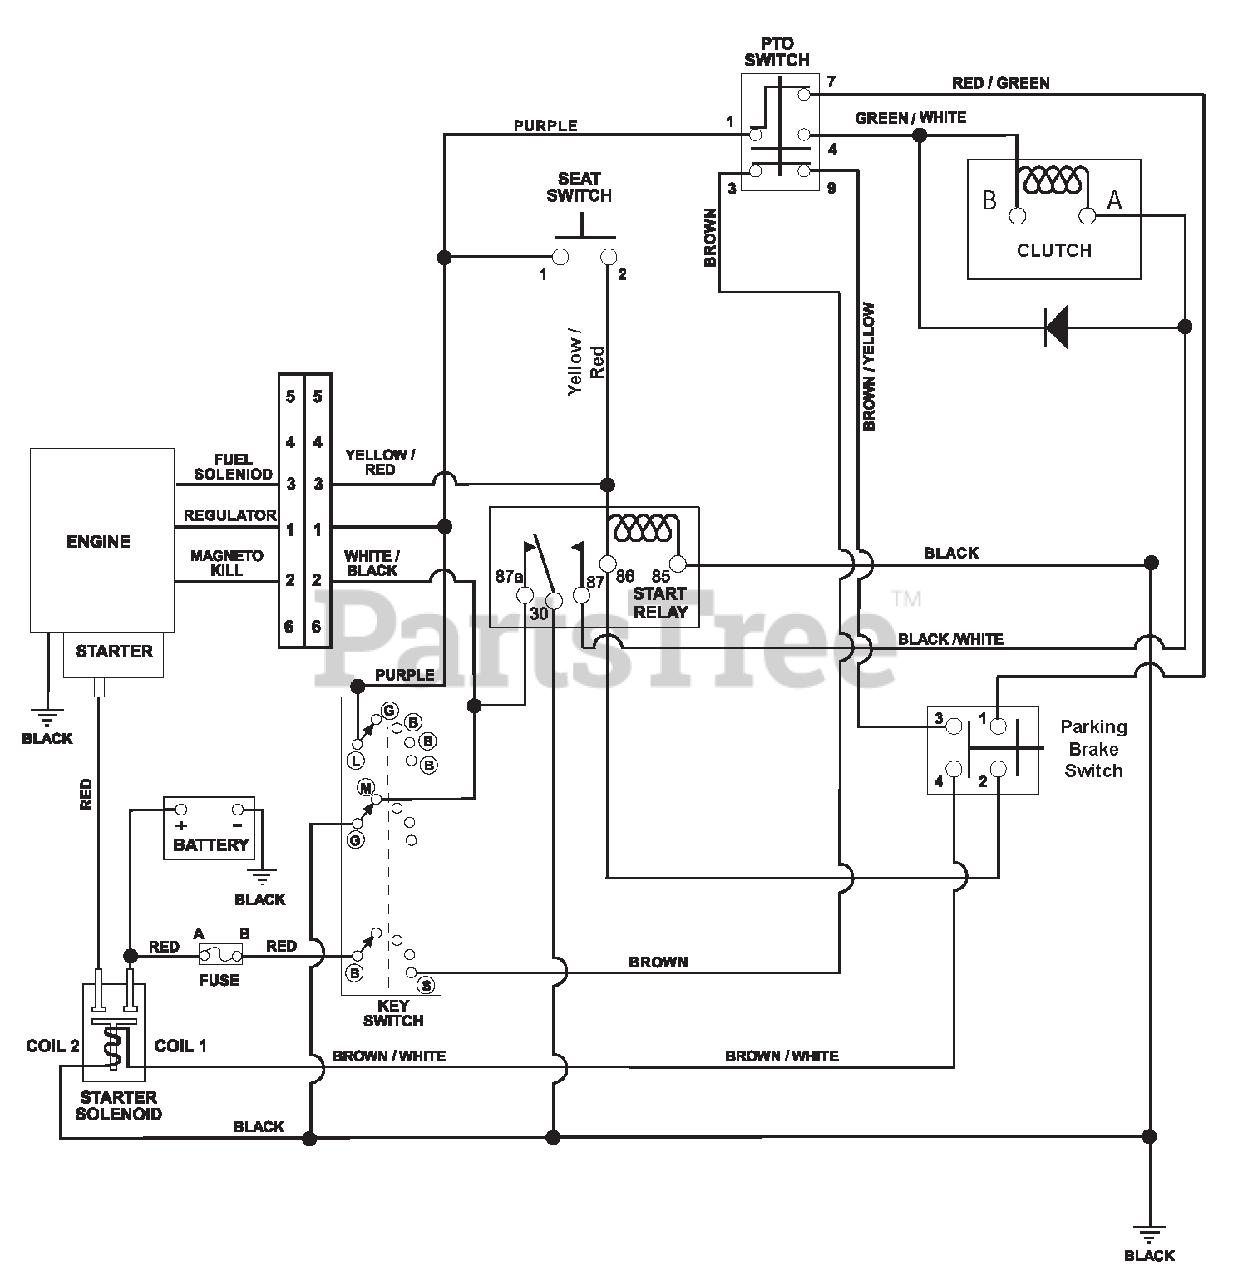 Ariens 915159 - Ariens Zoom 42 U0026quot  Zero-turn Mower  22hp Kohler  Sn  000101